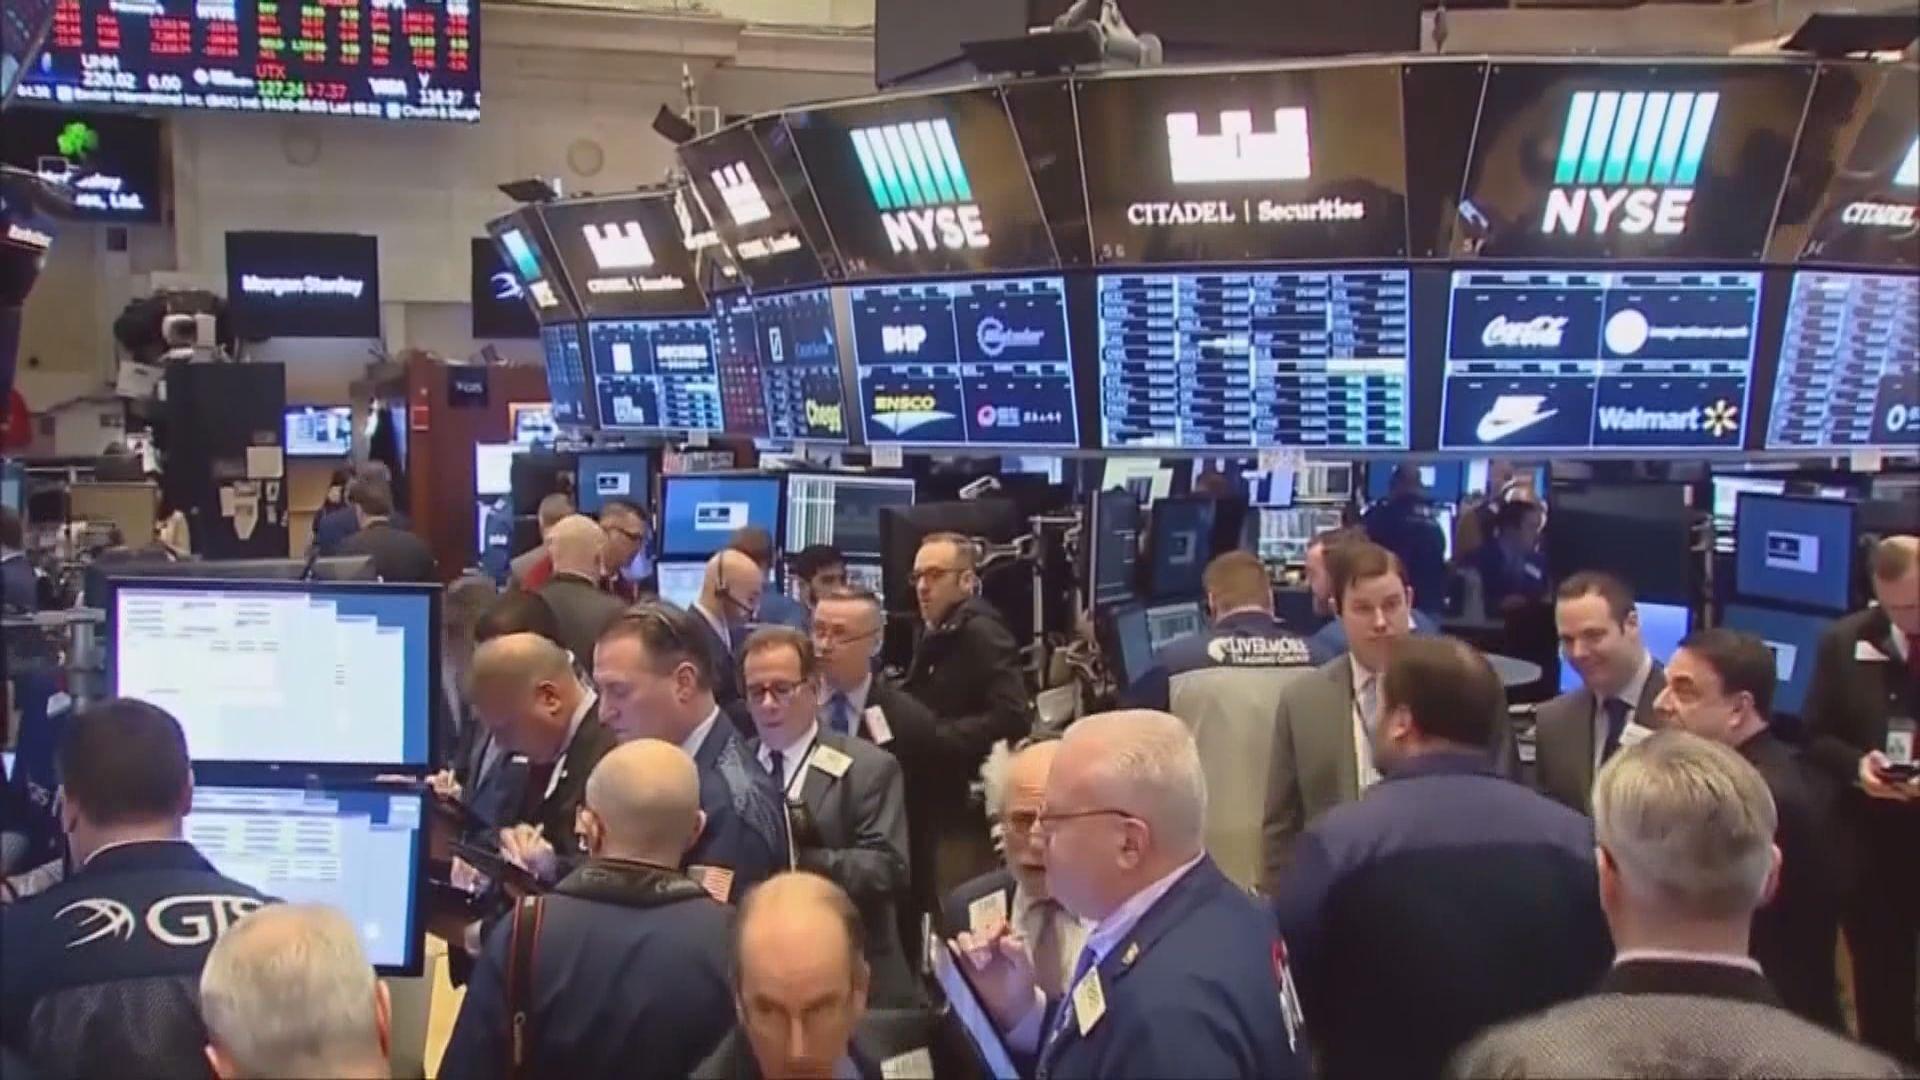 波音及科技股領跌 道指最多跌逾500點